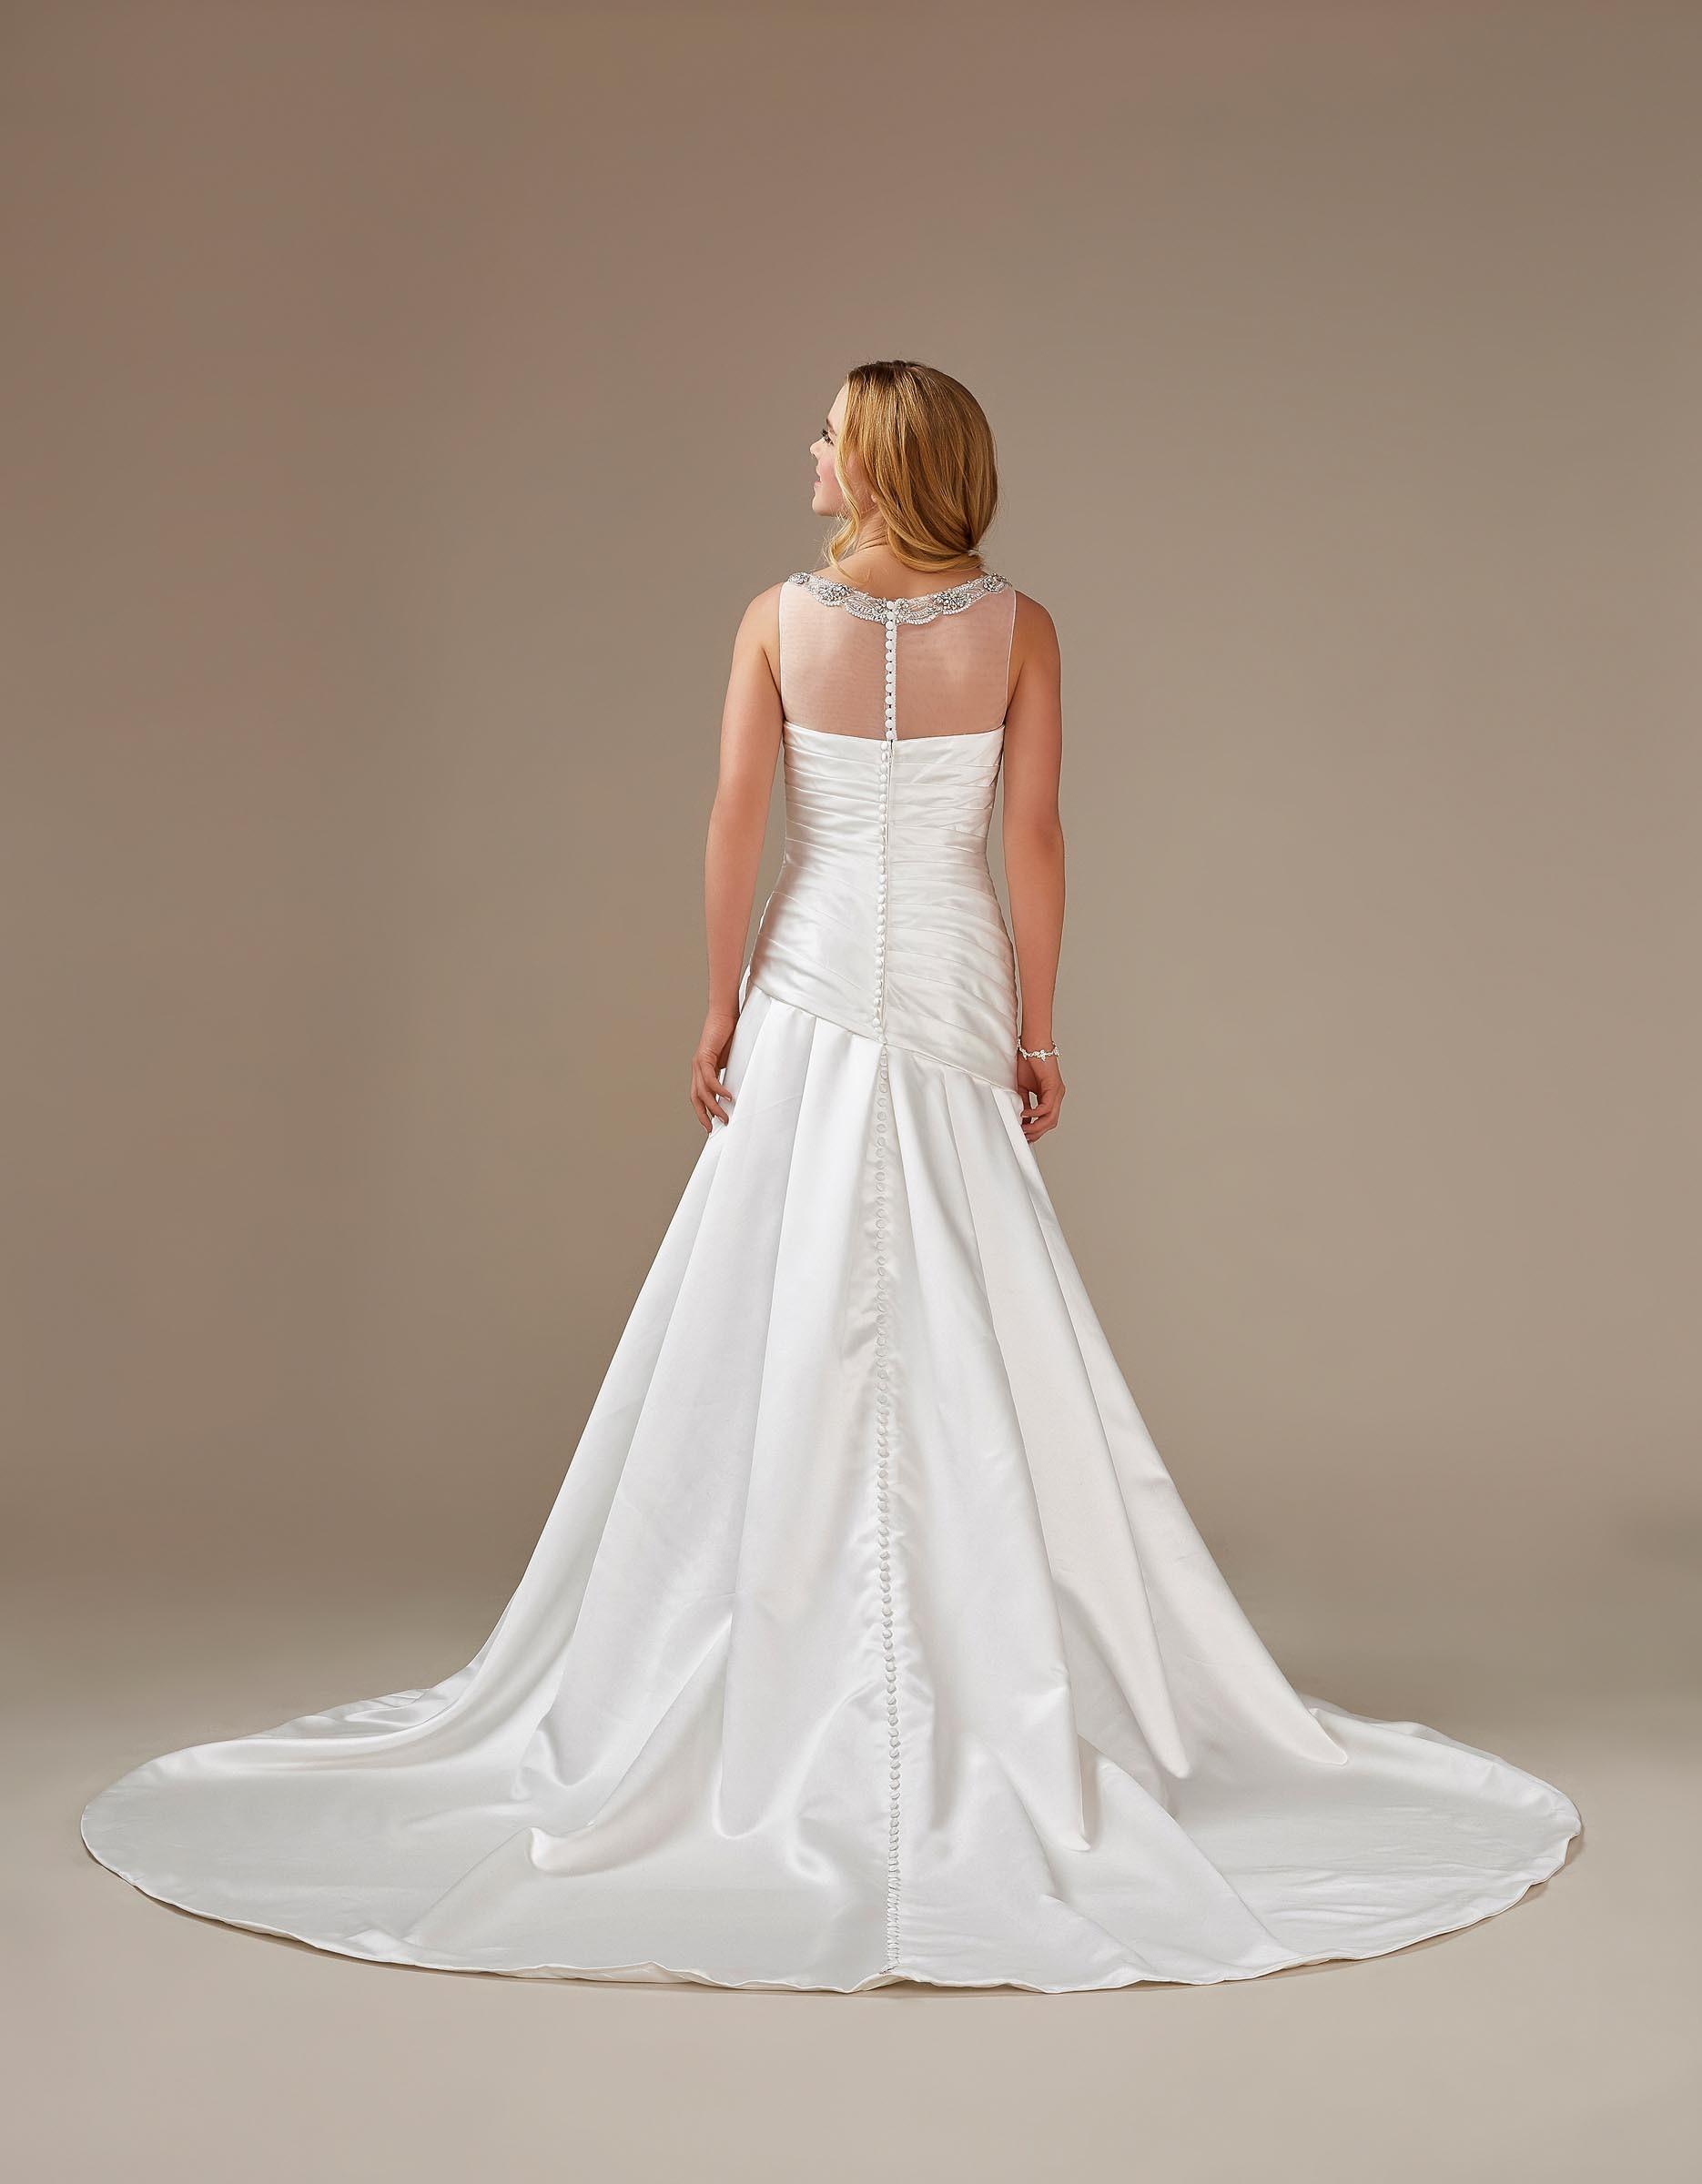 Brautkleid mit Strass und Drapierung aus Satin von Weise, Modell 336052